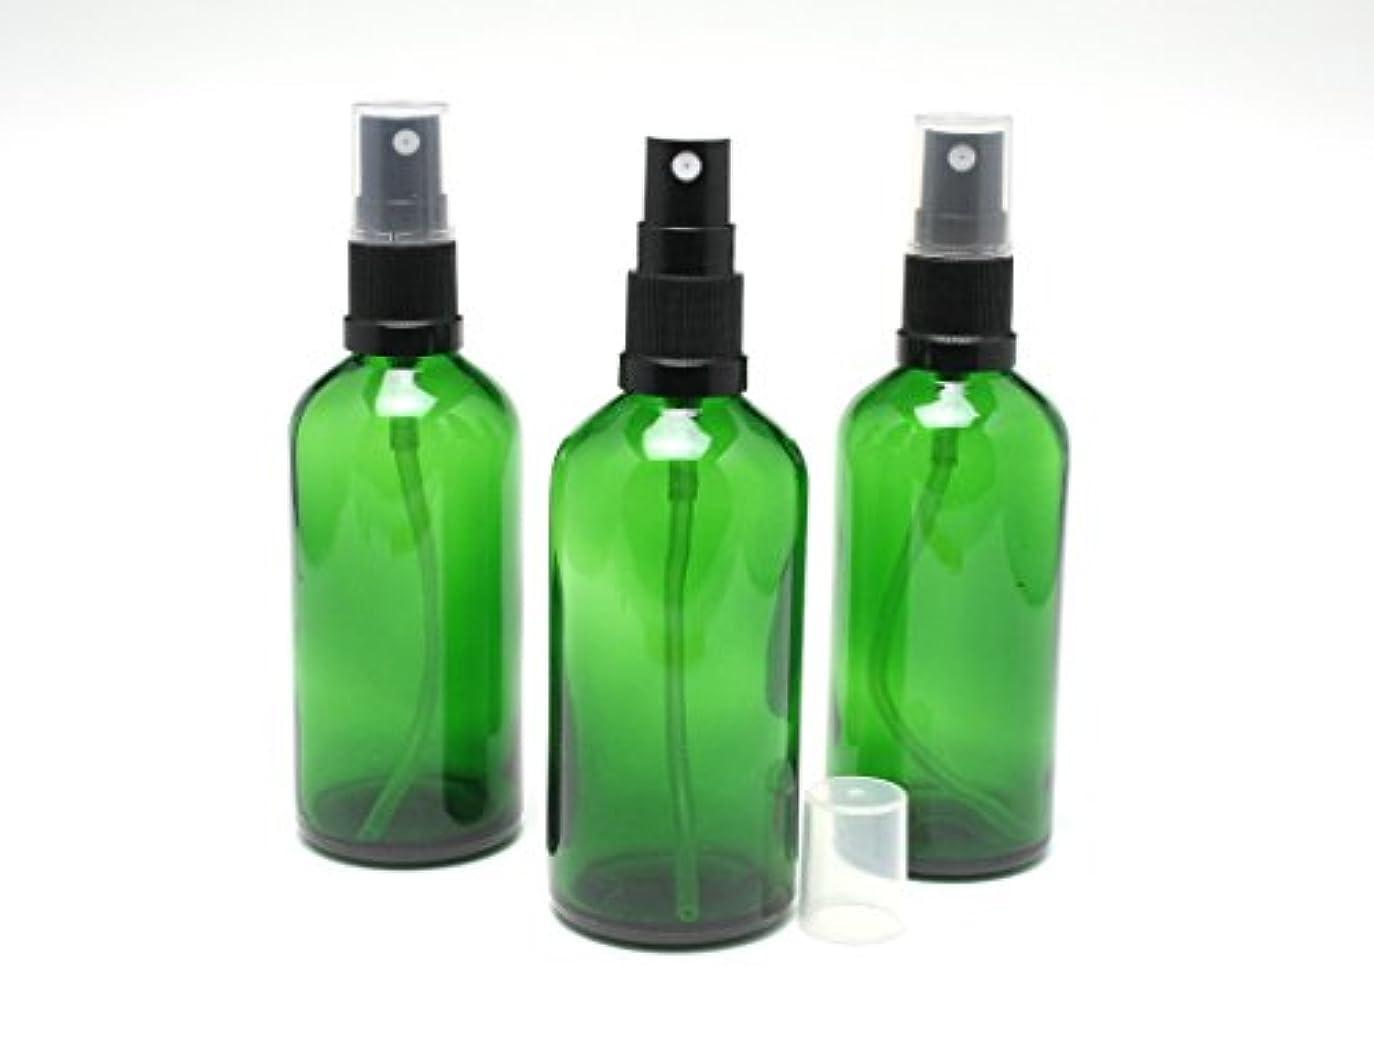 見かけ上第五ストロー遮光瓶 スプレーボトル (グラス/アトマイザー) 100ml / グリーン/ブラックヘッド 3本セット 【新品アウトレット商品 】